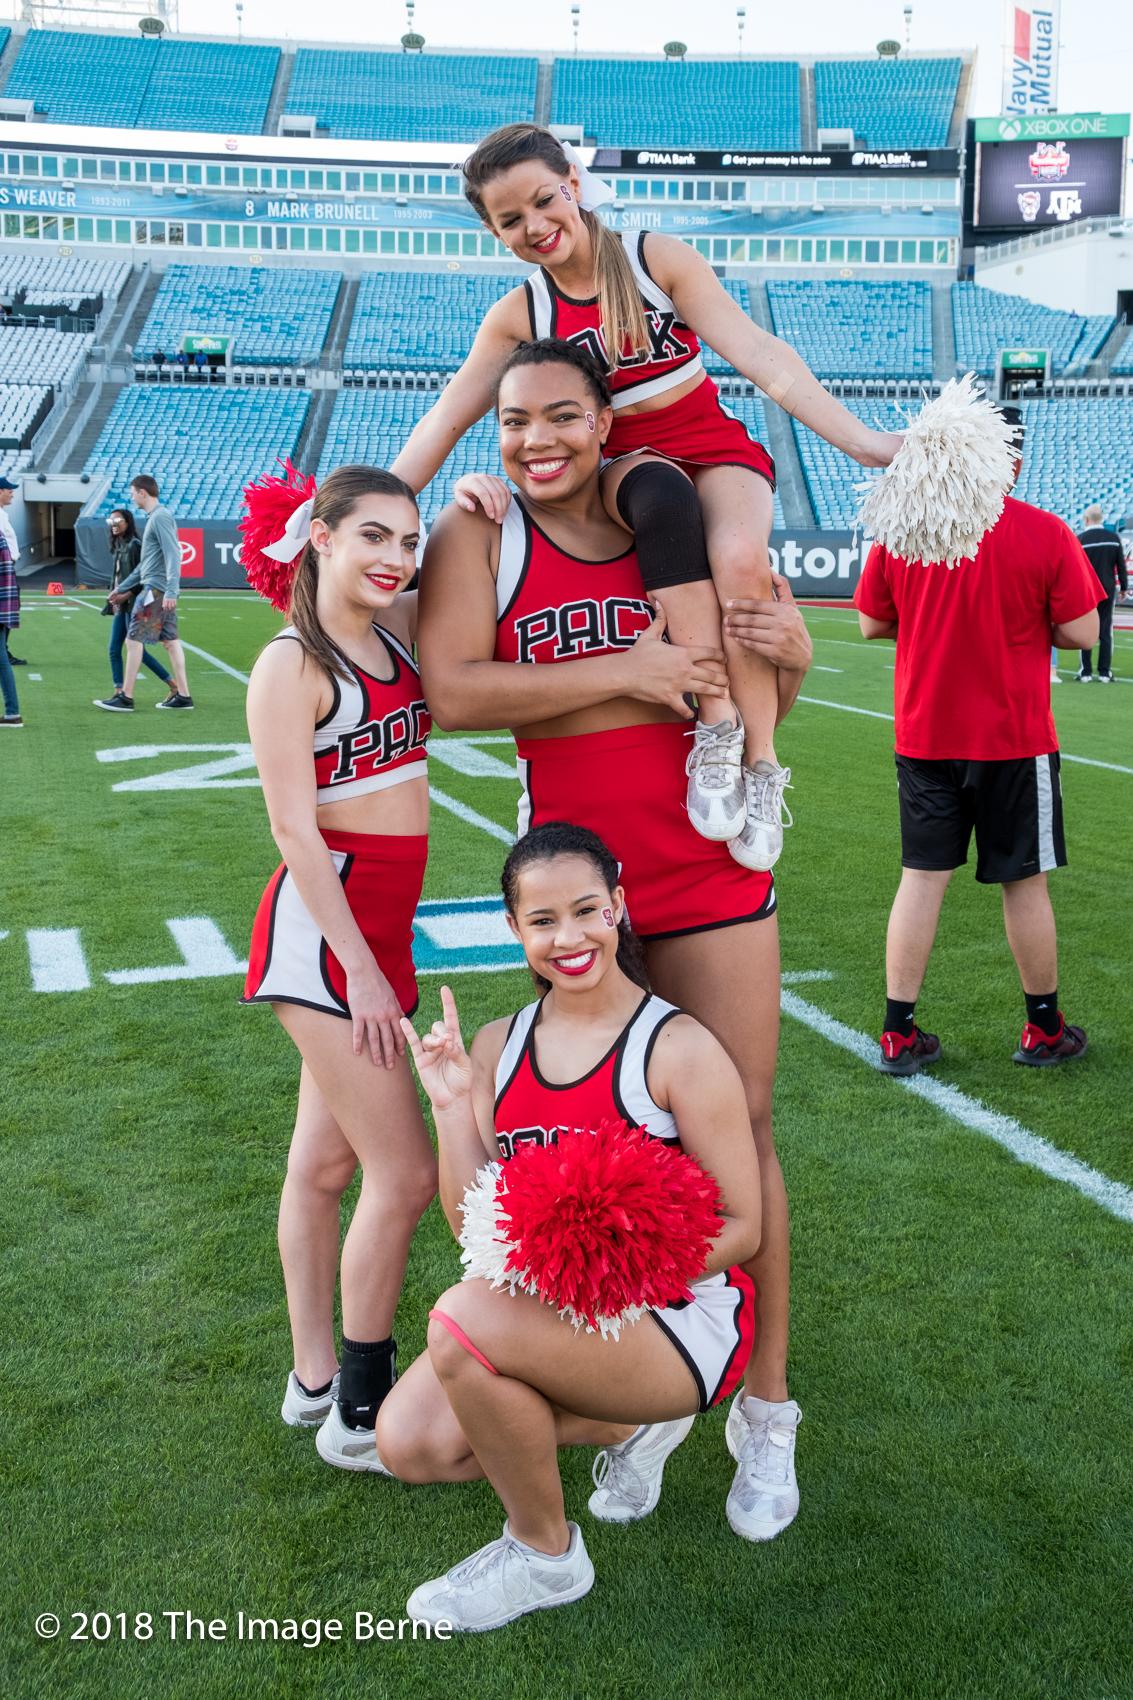 Cheerleaders-025.jpg